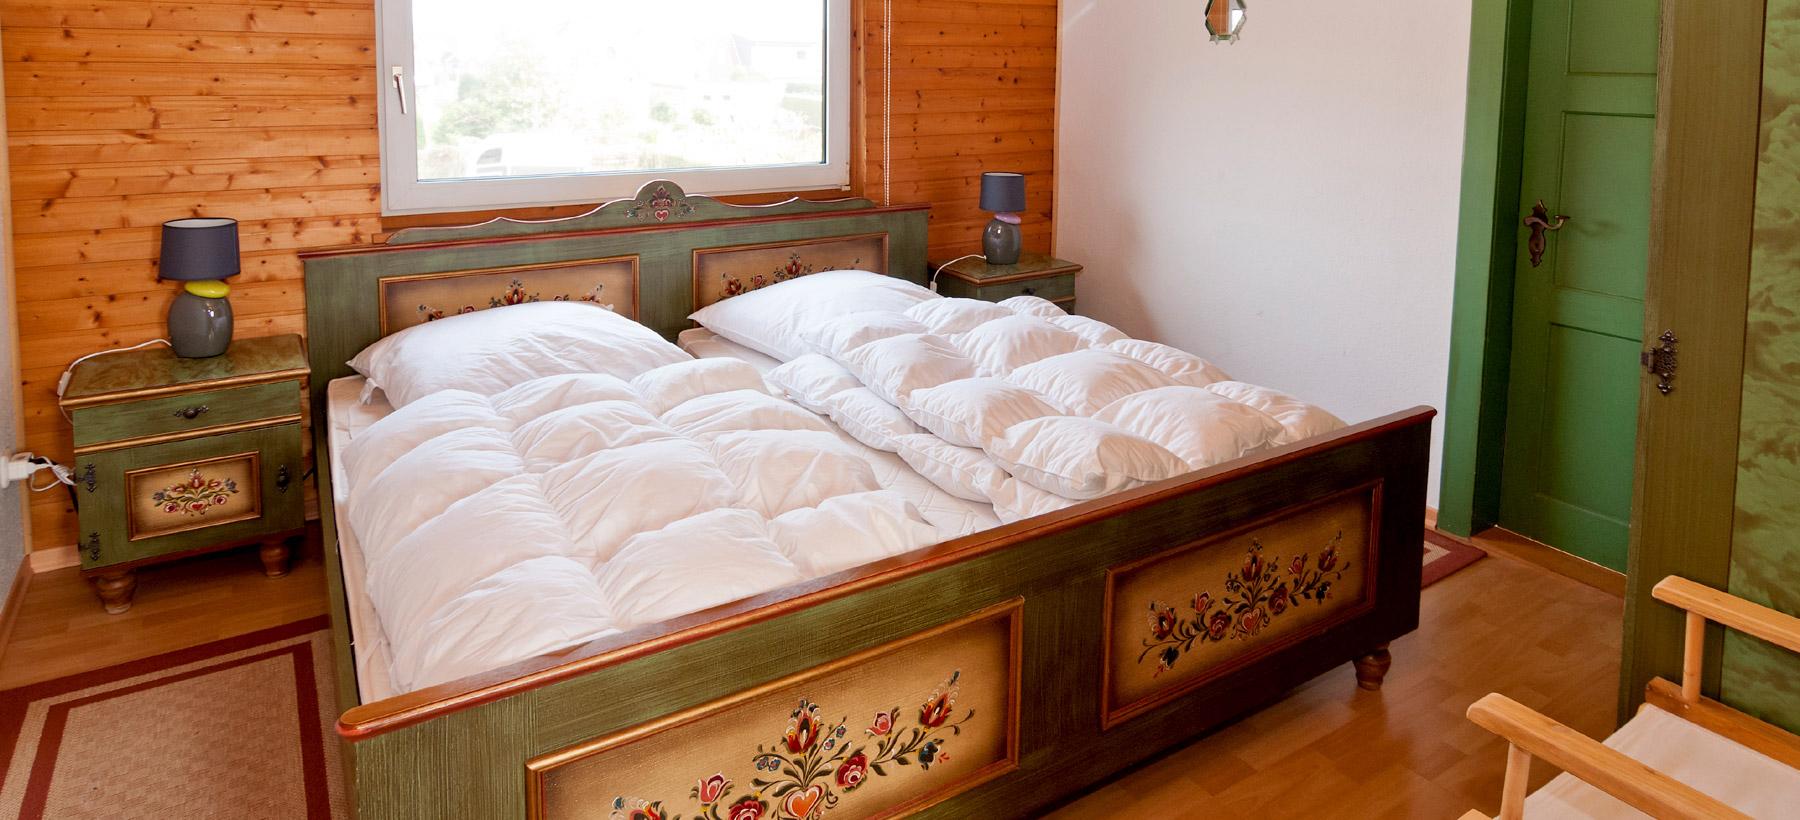 ferienhaus-schlafzimmer1